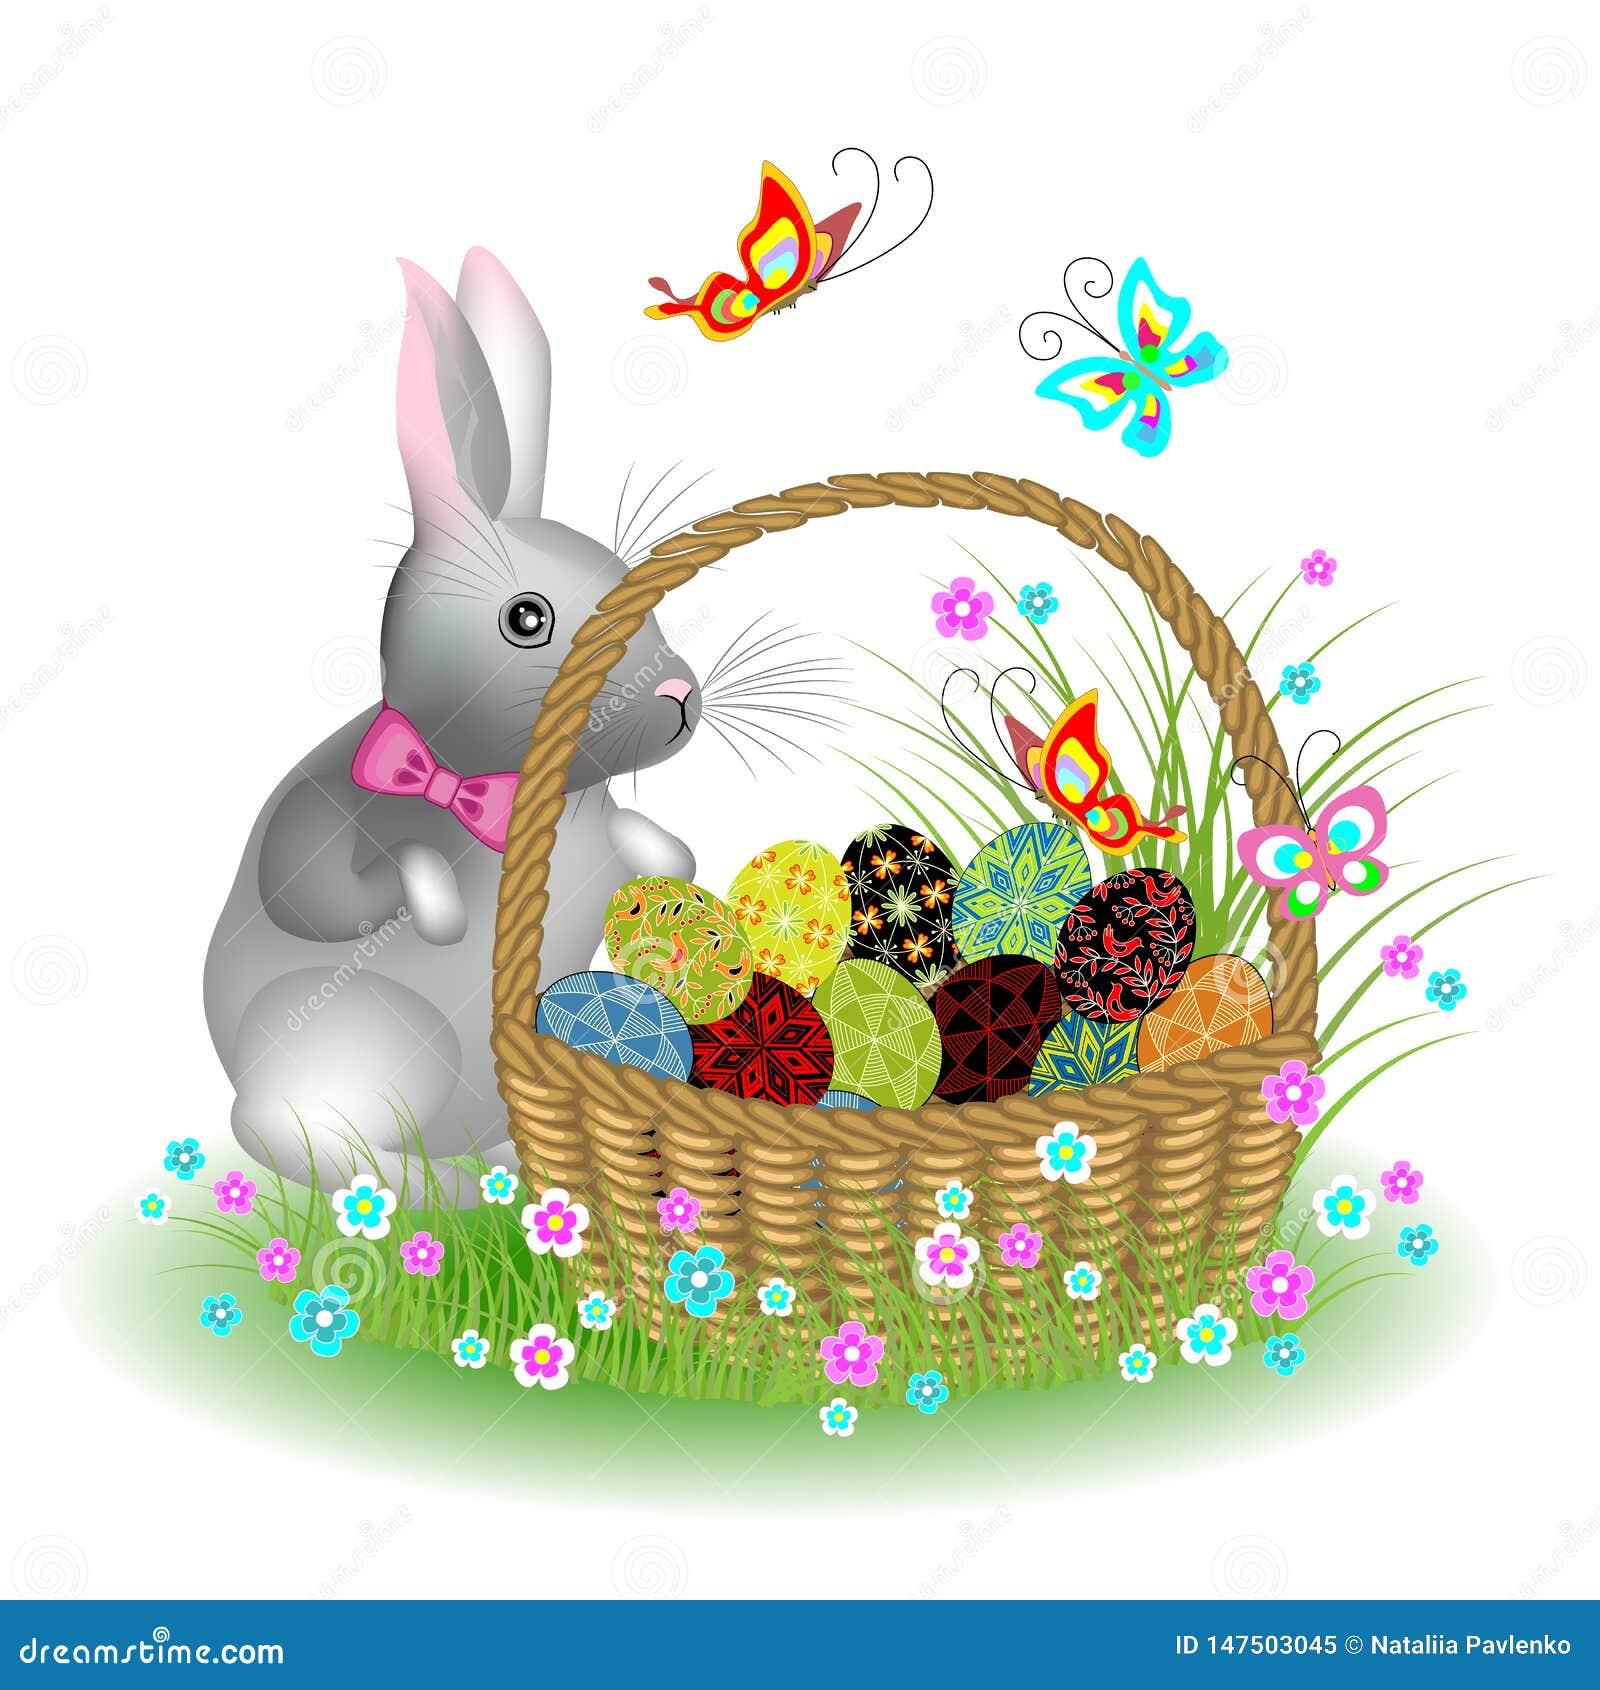 Γκρίζο χαριτωμένο κουνέλι κοντά σε ένα καλάθι με τα αυγά Πάσχας Λουλούδια και πεταλούδες άνοιξη Το σύμβολο Πάσχας στον πολιτισμό